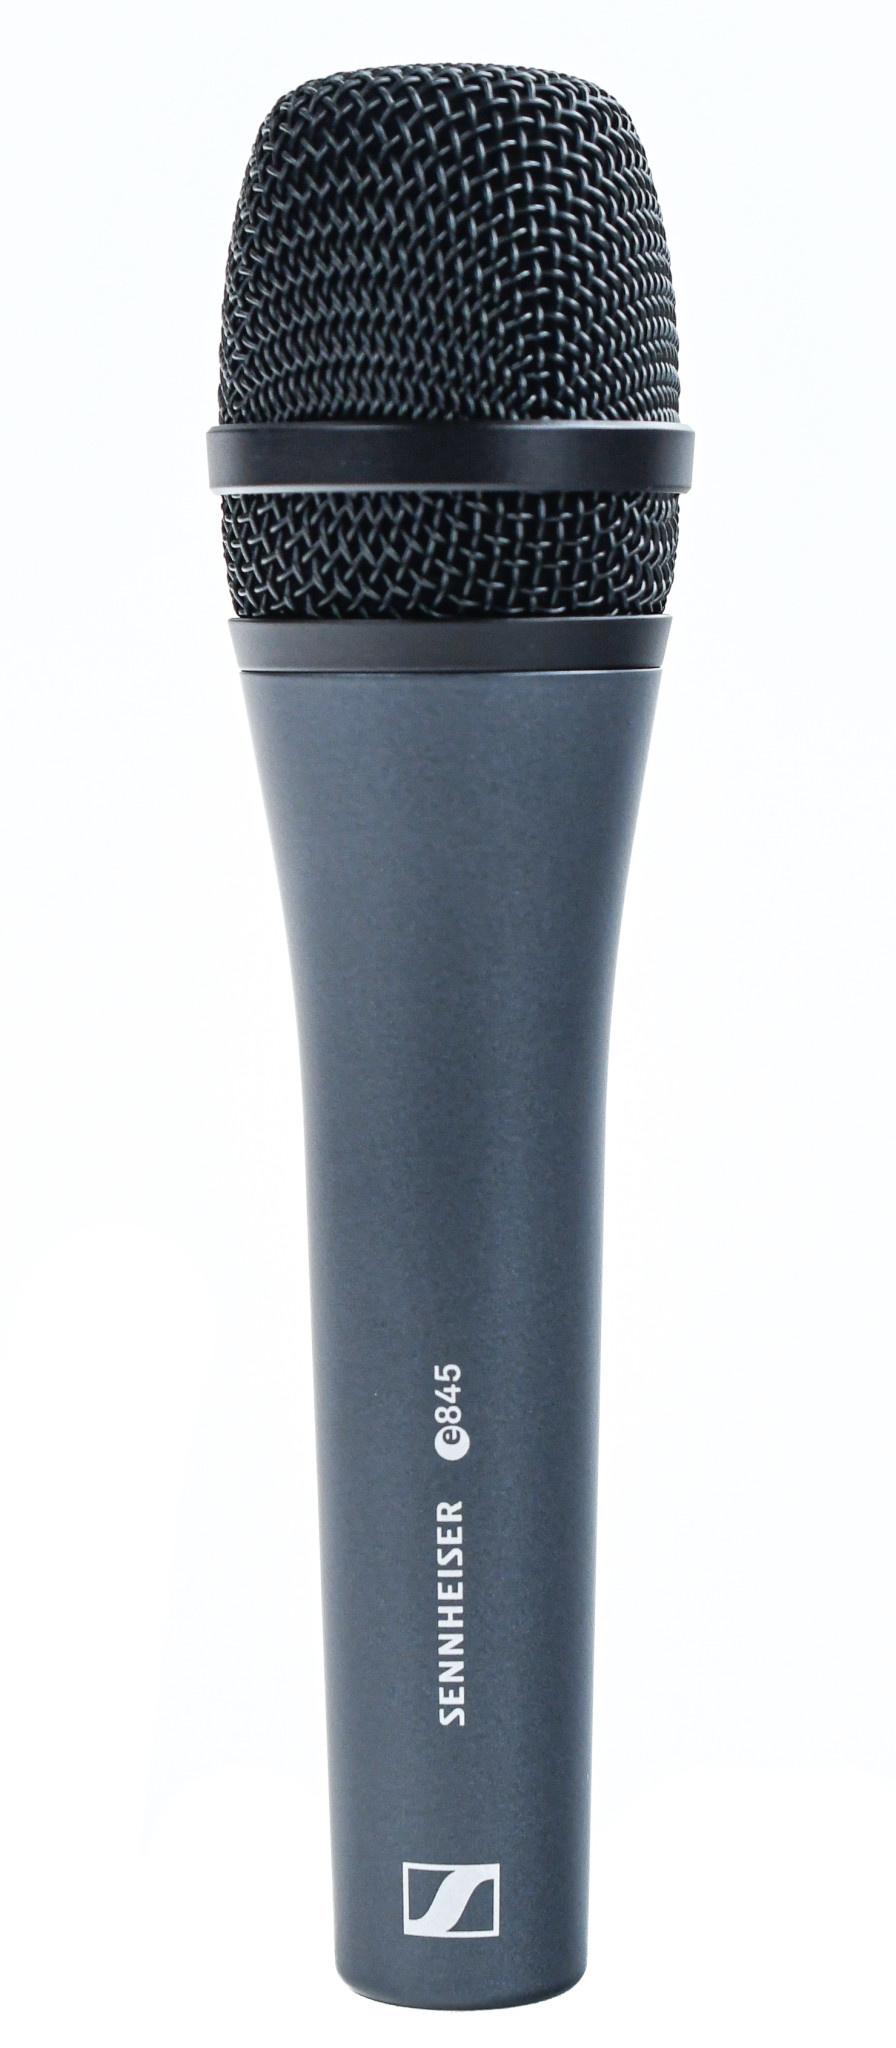 Sennheiser E845 Vocal Microphone